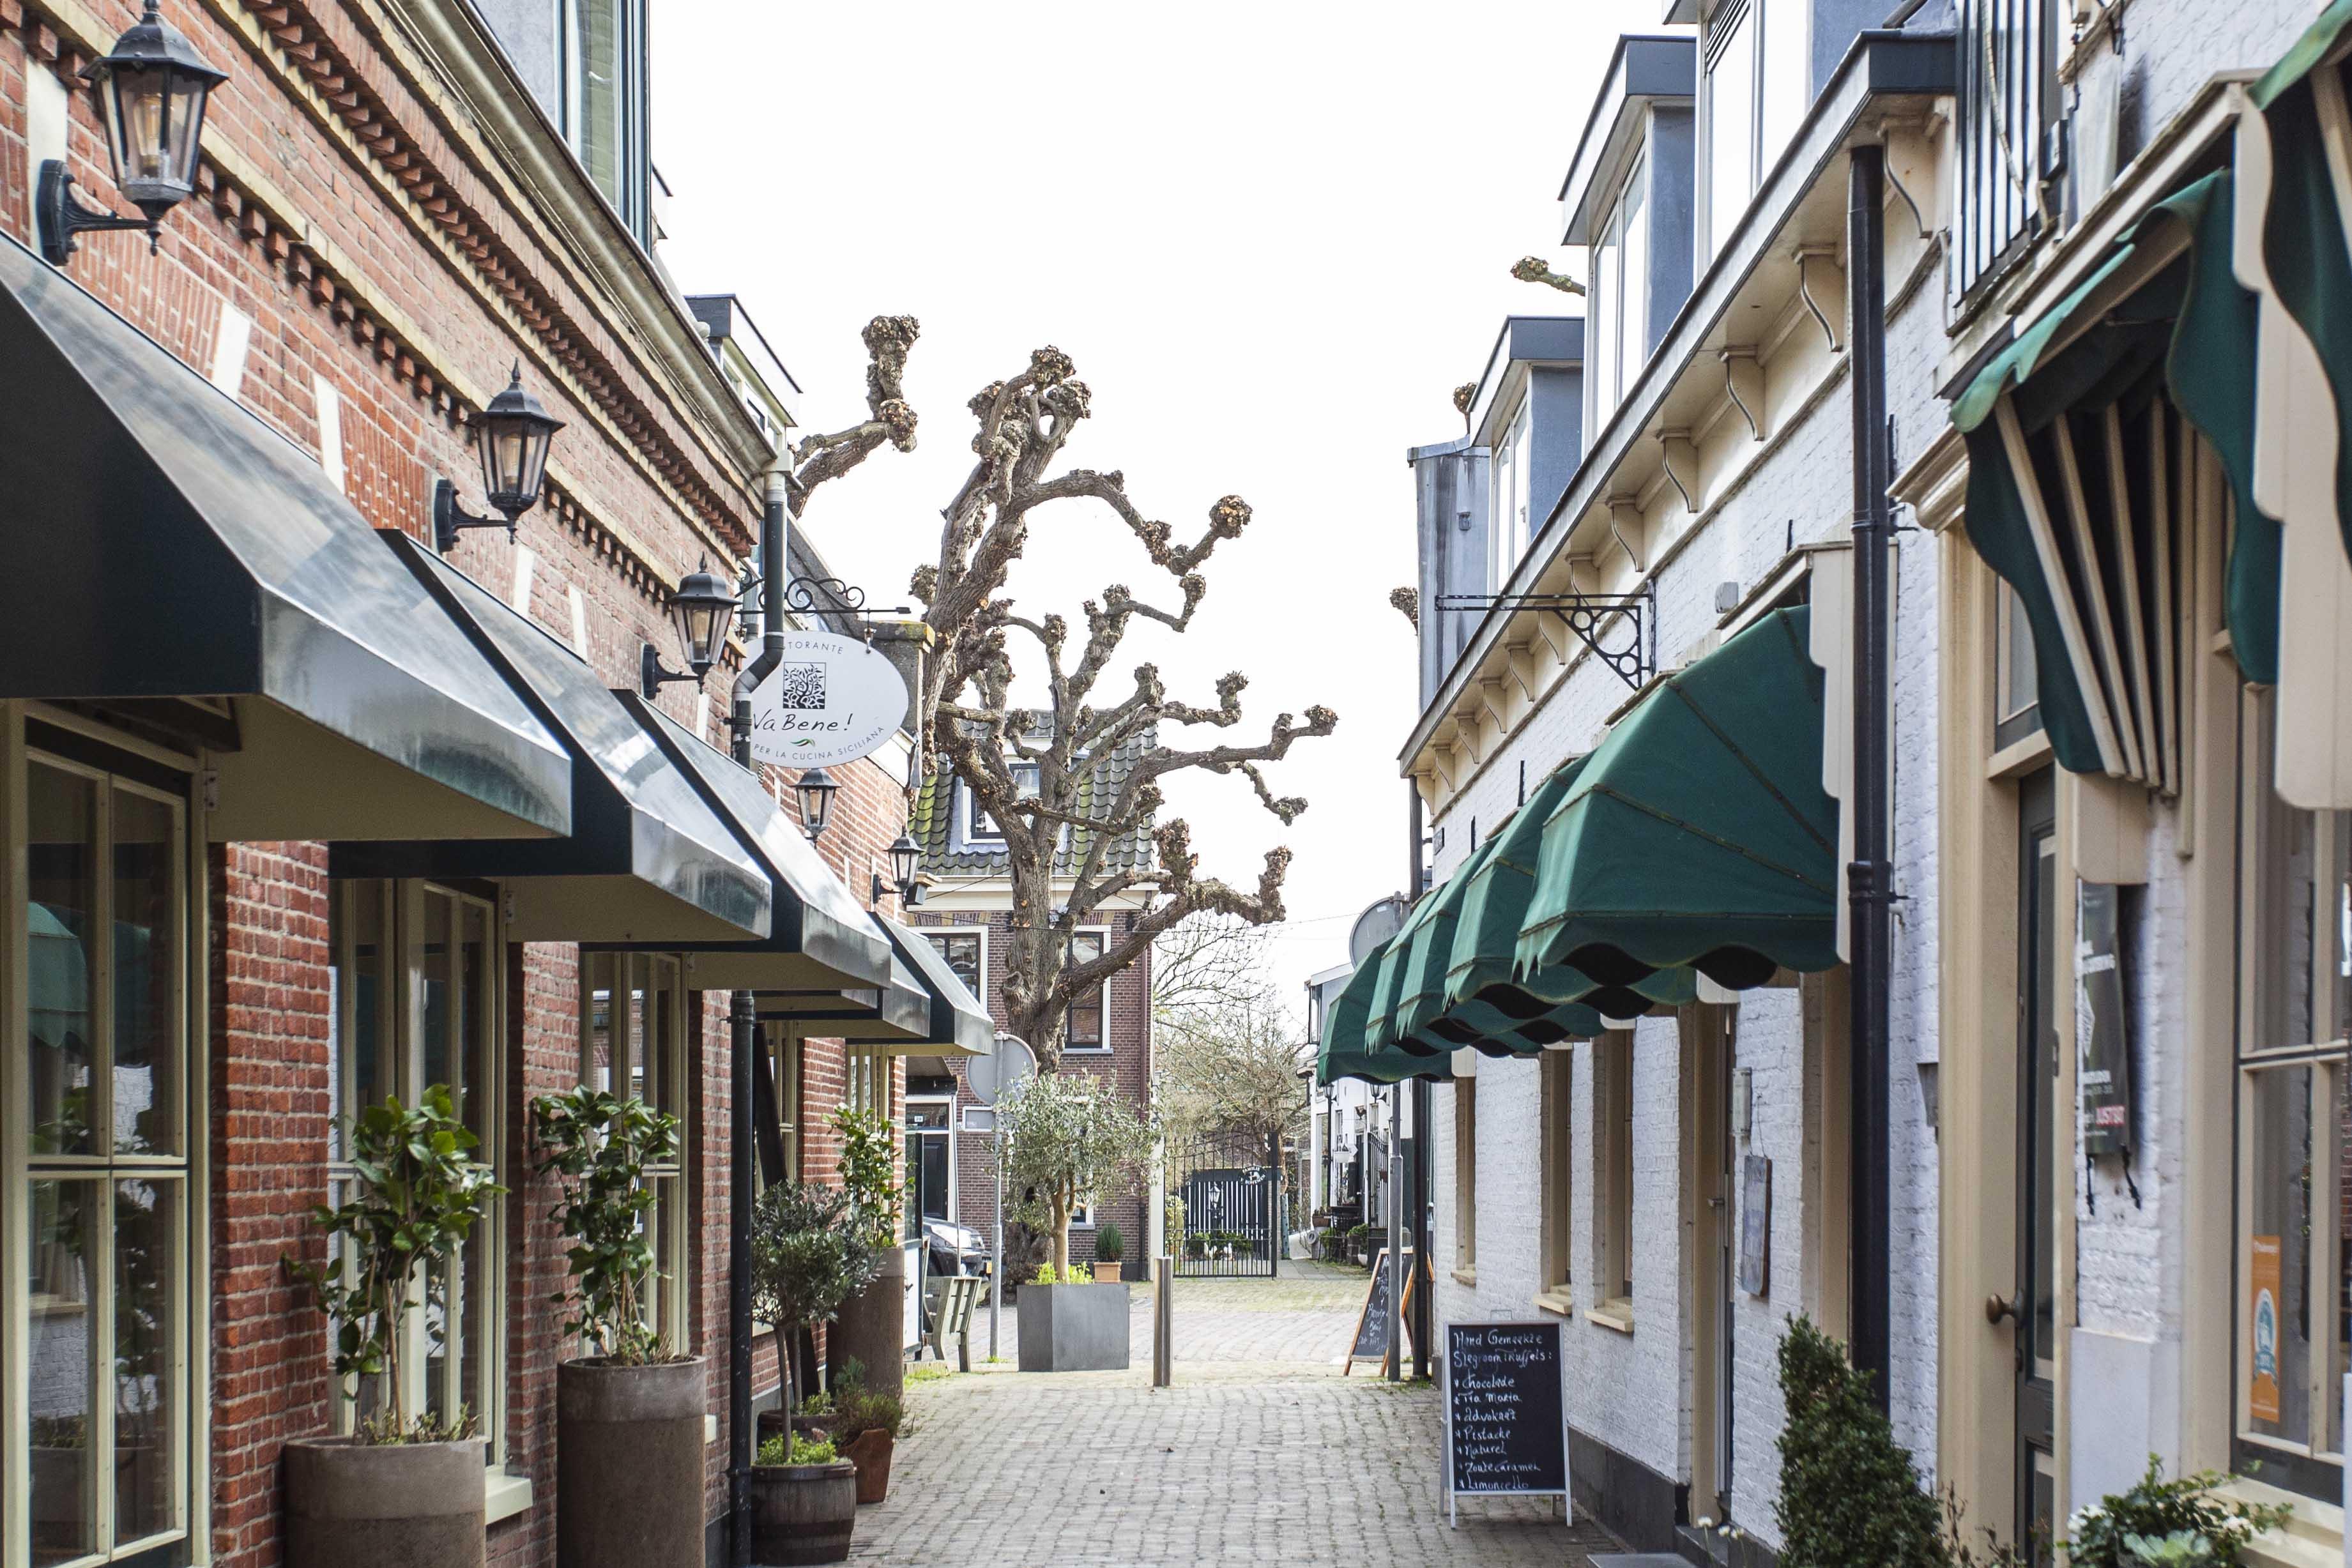 Zicht op de Woningmarkt - De landelijke woningmarktcijfers over het eerste kwartaal van 2019